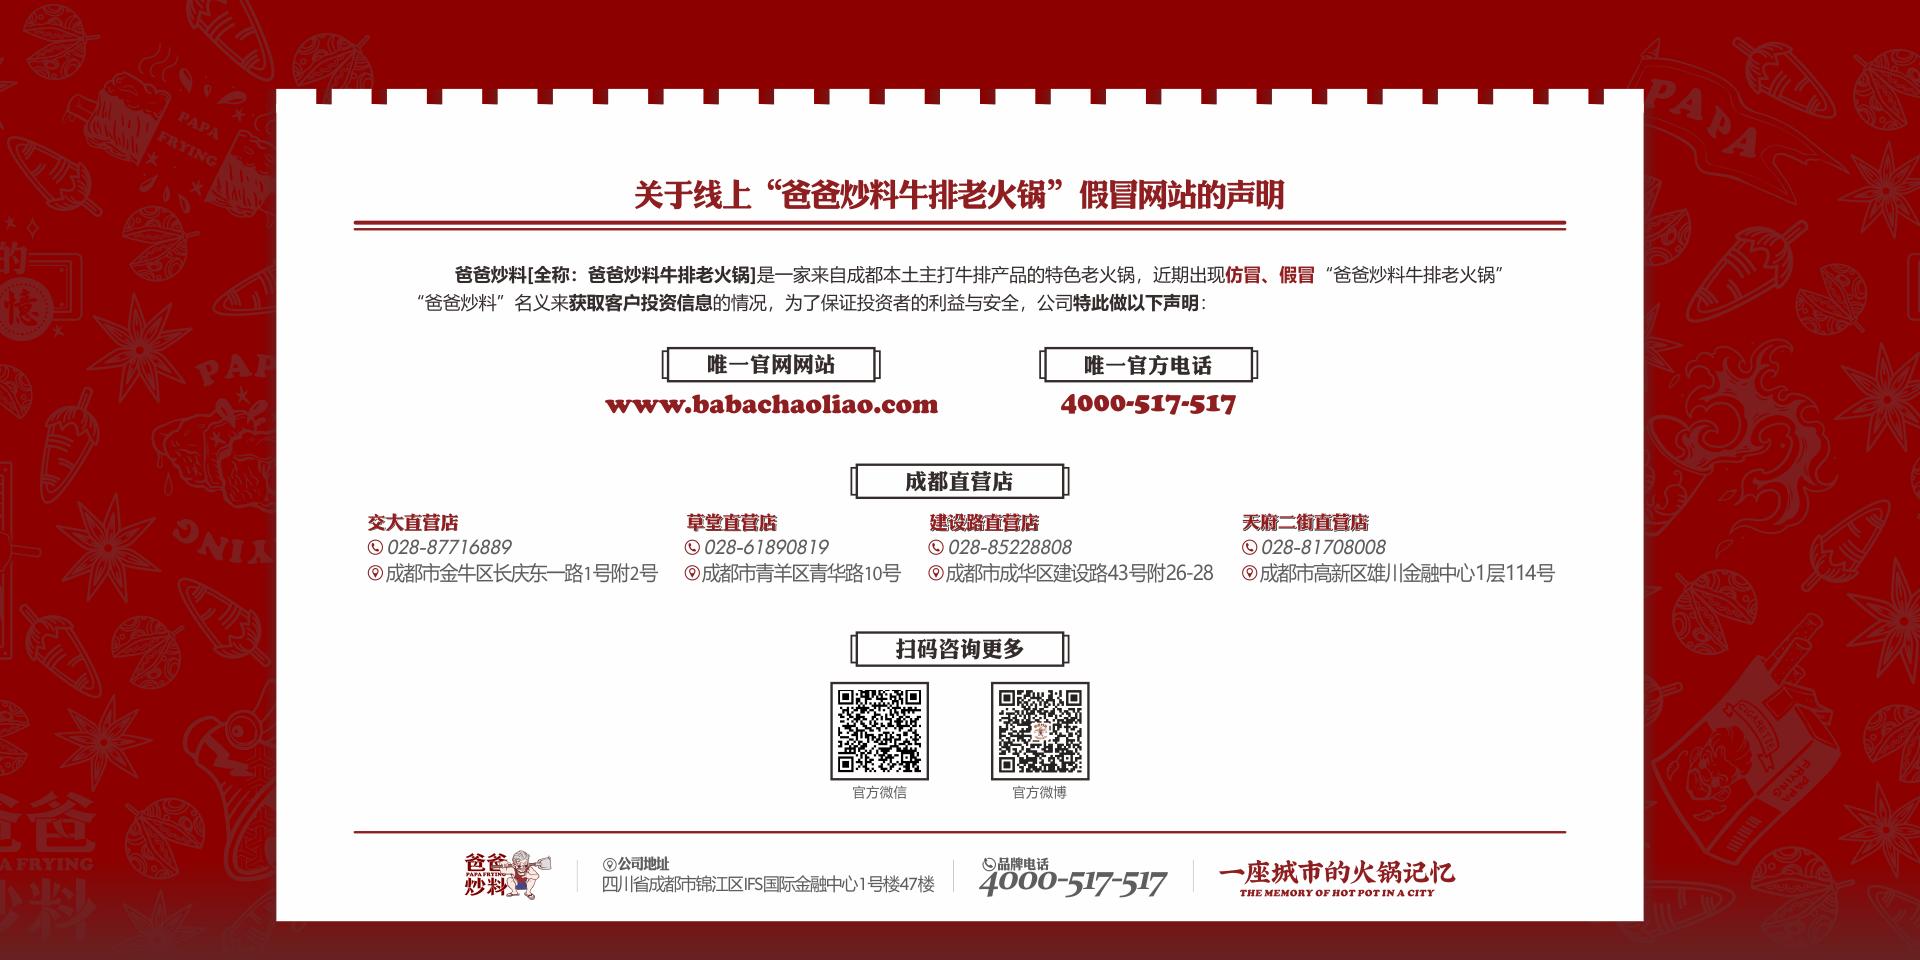 餐饮创业新手福利 火锅加盟商店铺经验分享插图1